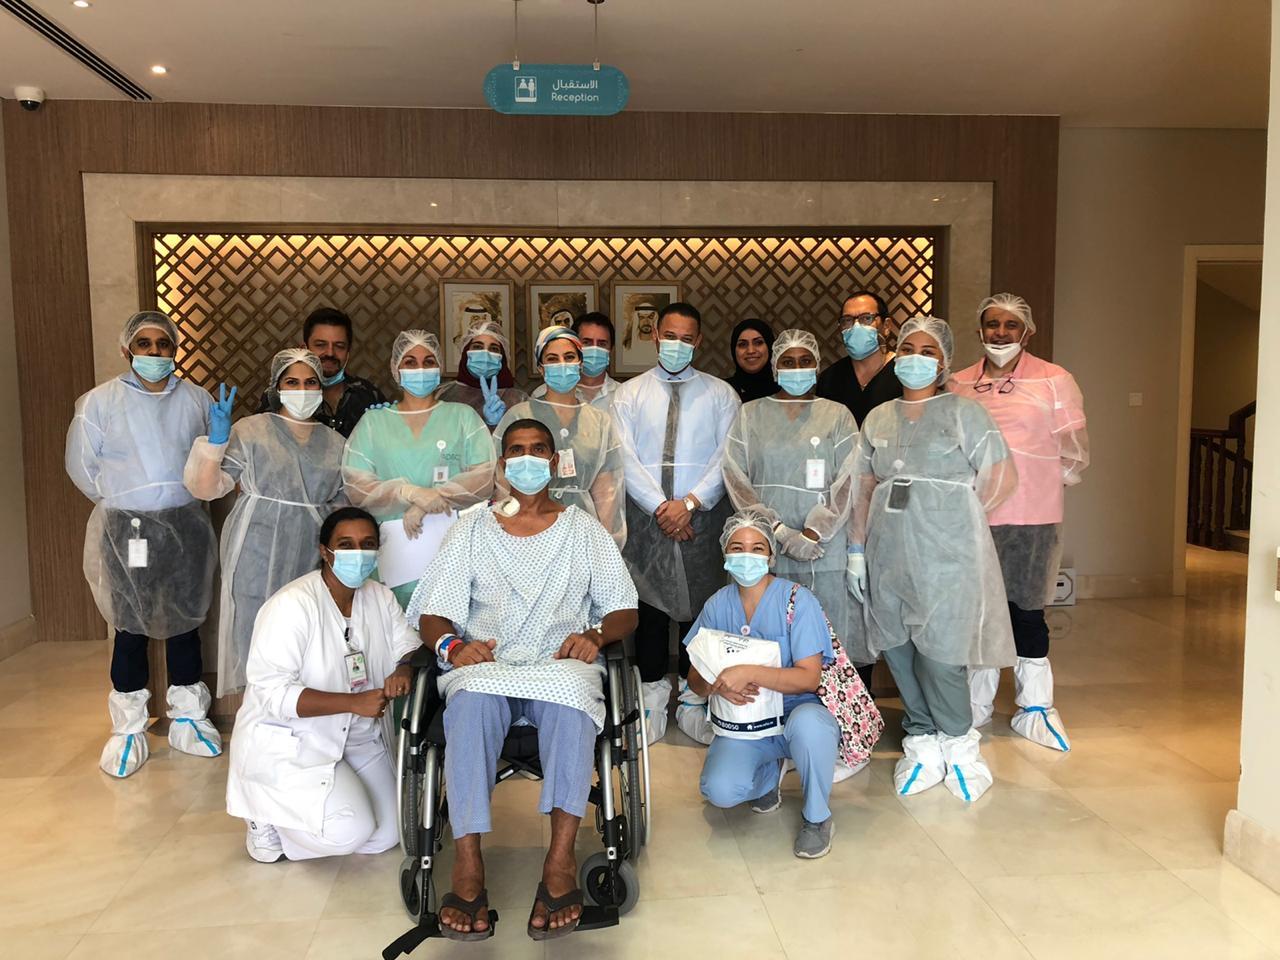 مركز أبوظبي للخلايا الجذعية يدشن عمليات زراعة النخاع العظمي في الإمارات